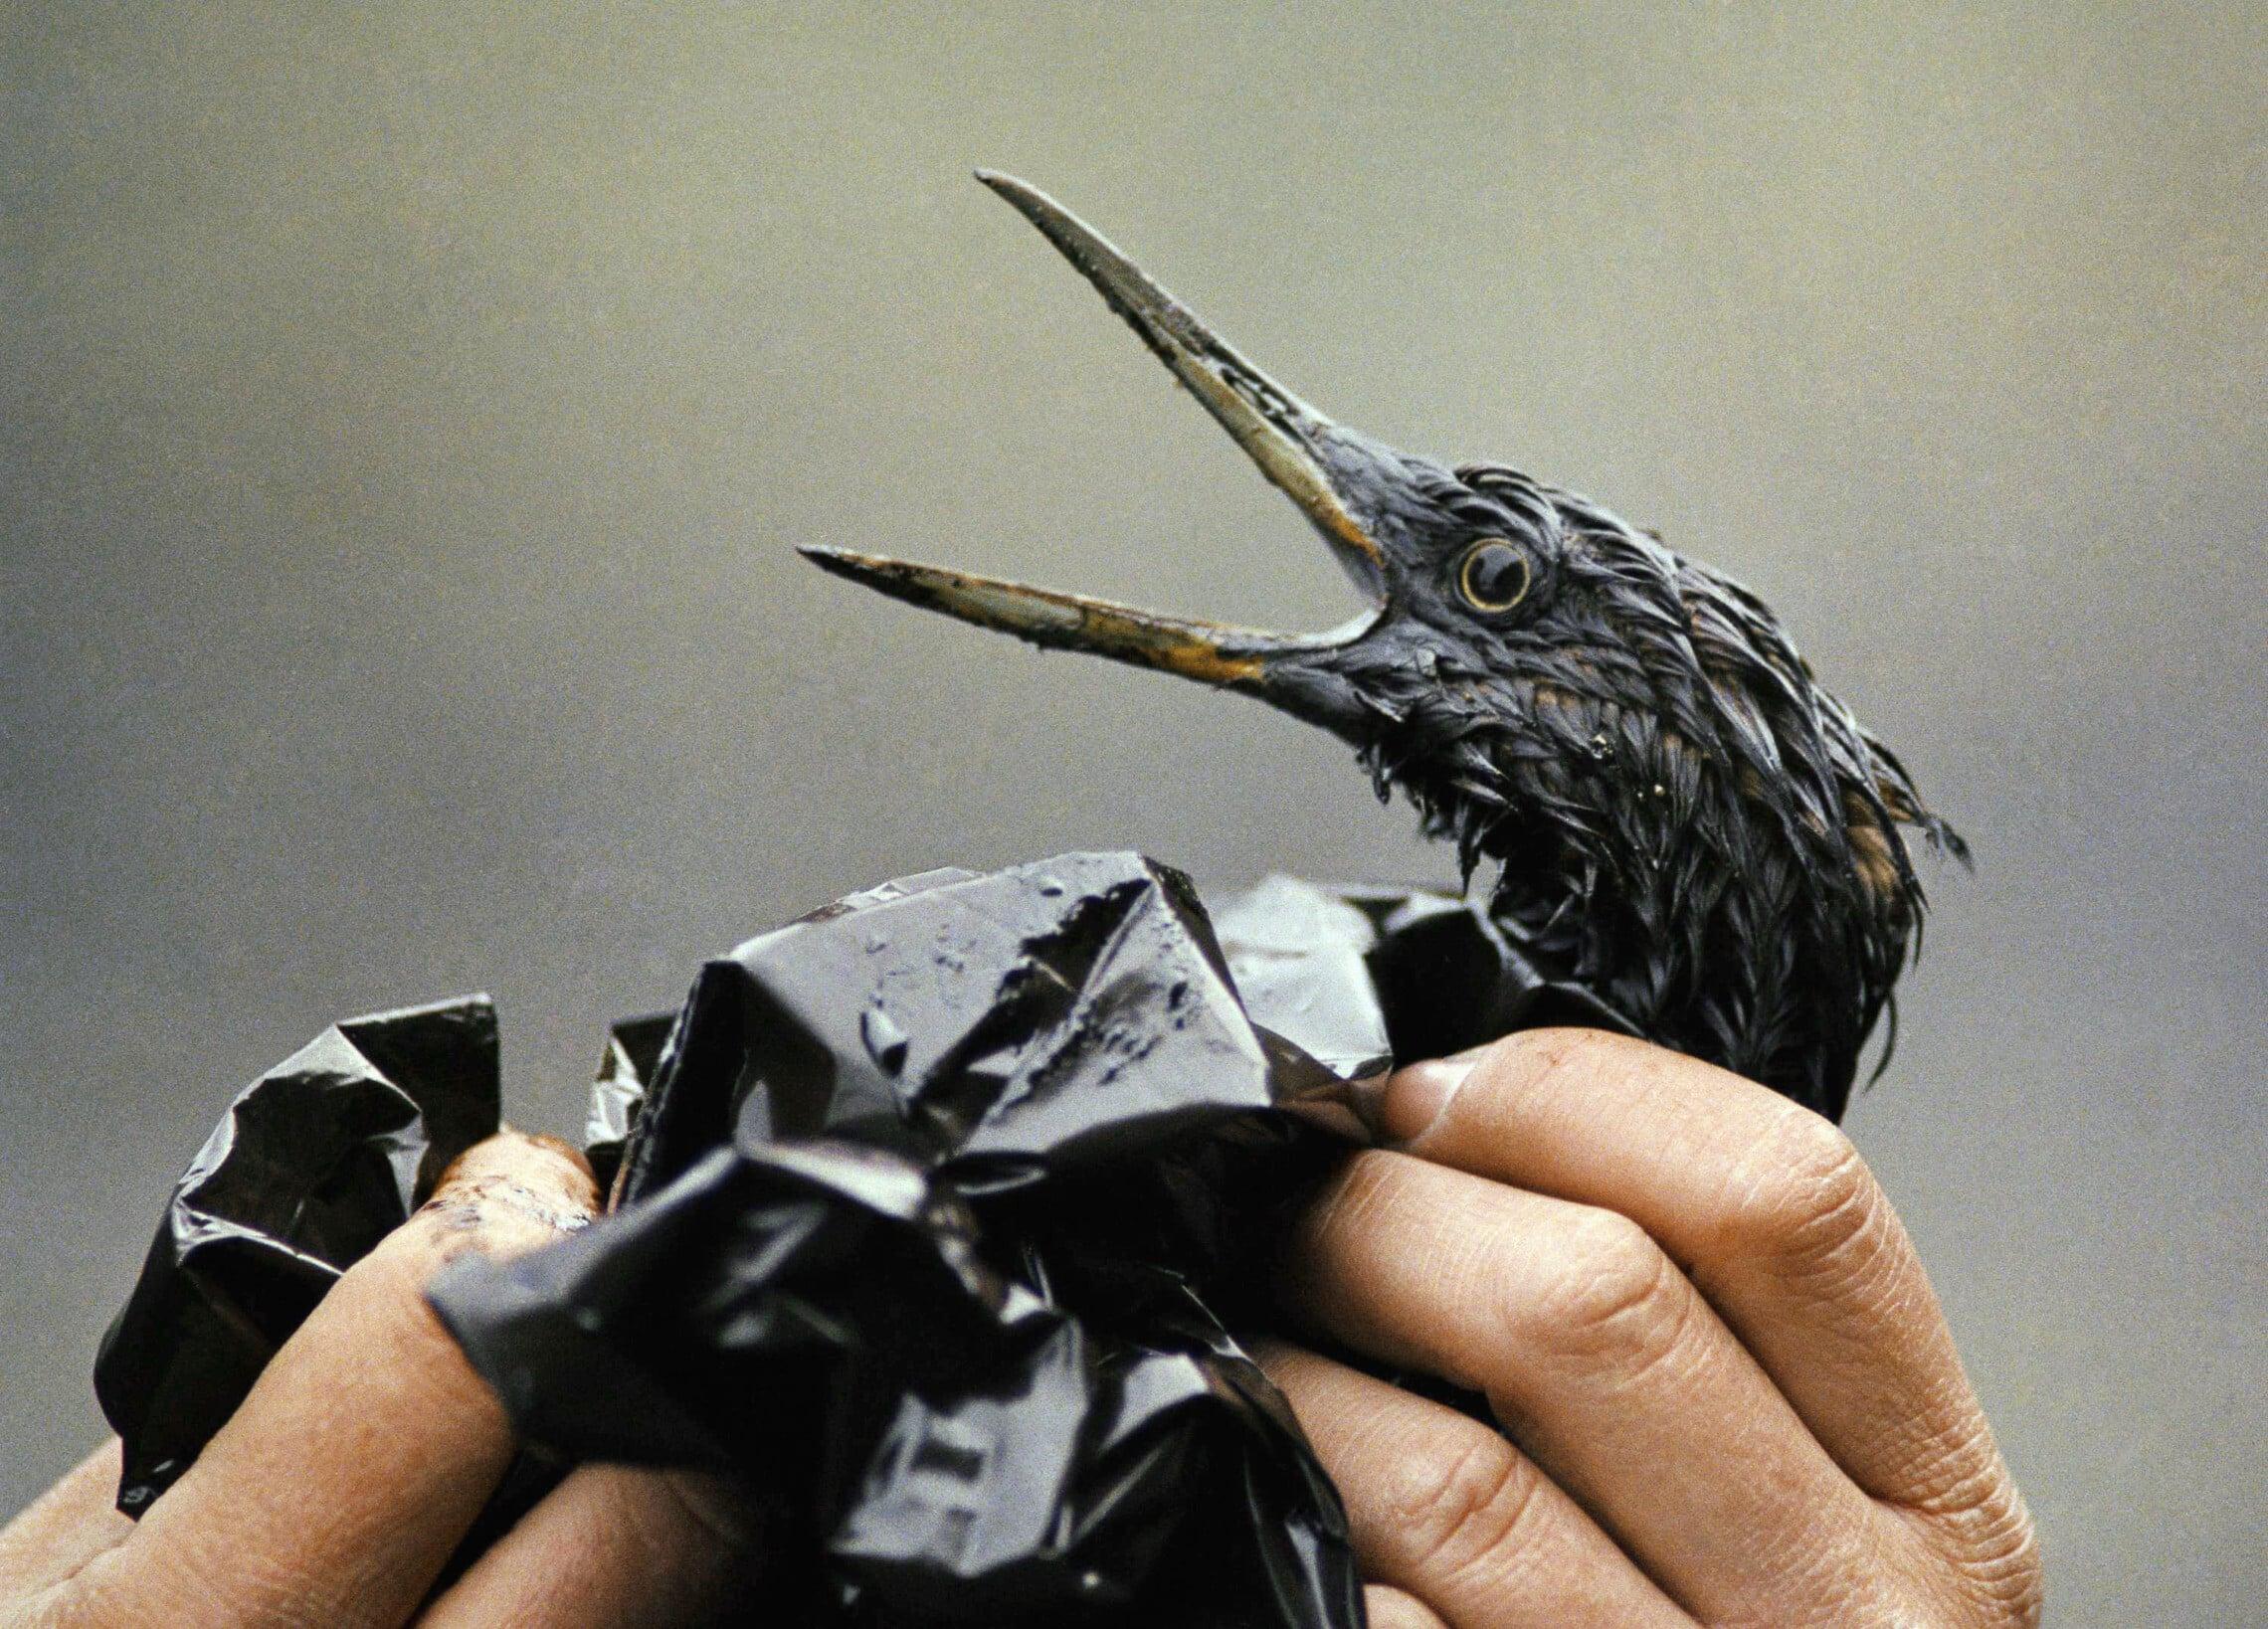 ציפור מכוסה בנפט מאסון אקסון ולדז על חופי אלסקה ב-1989 (צילום: AP Photo/Jack Smith)